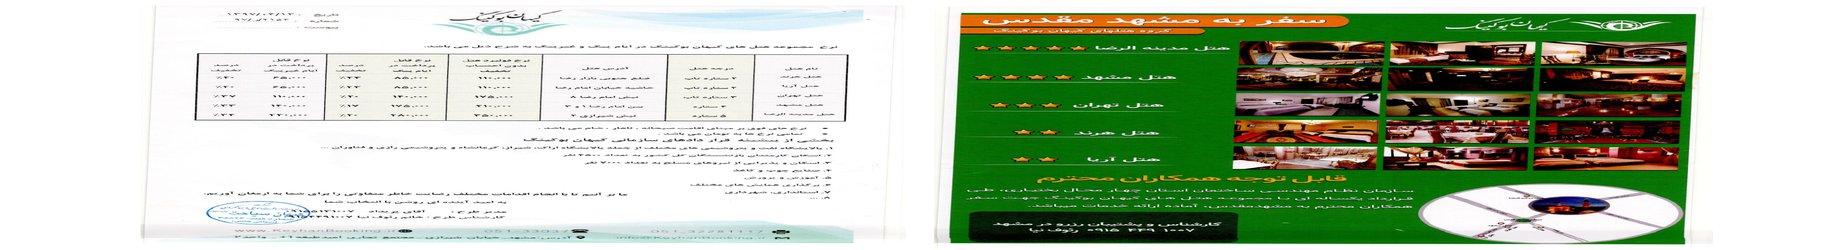 تفاهم نامه با شرکت کیهان سیاحت جهت ارائه تسهیلات و تخفیف خدمات هنل های مشهد